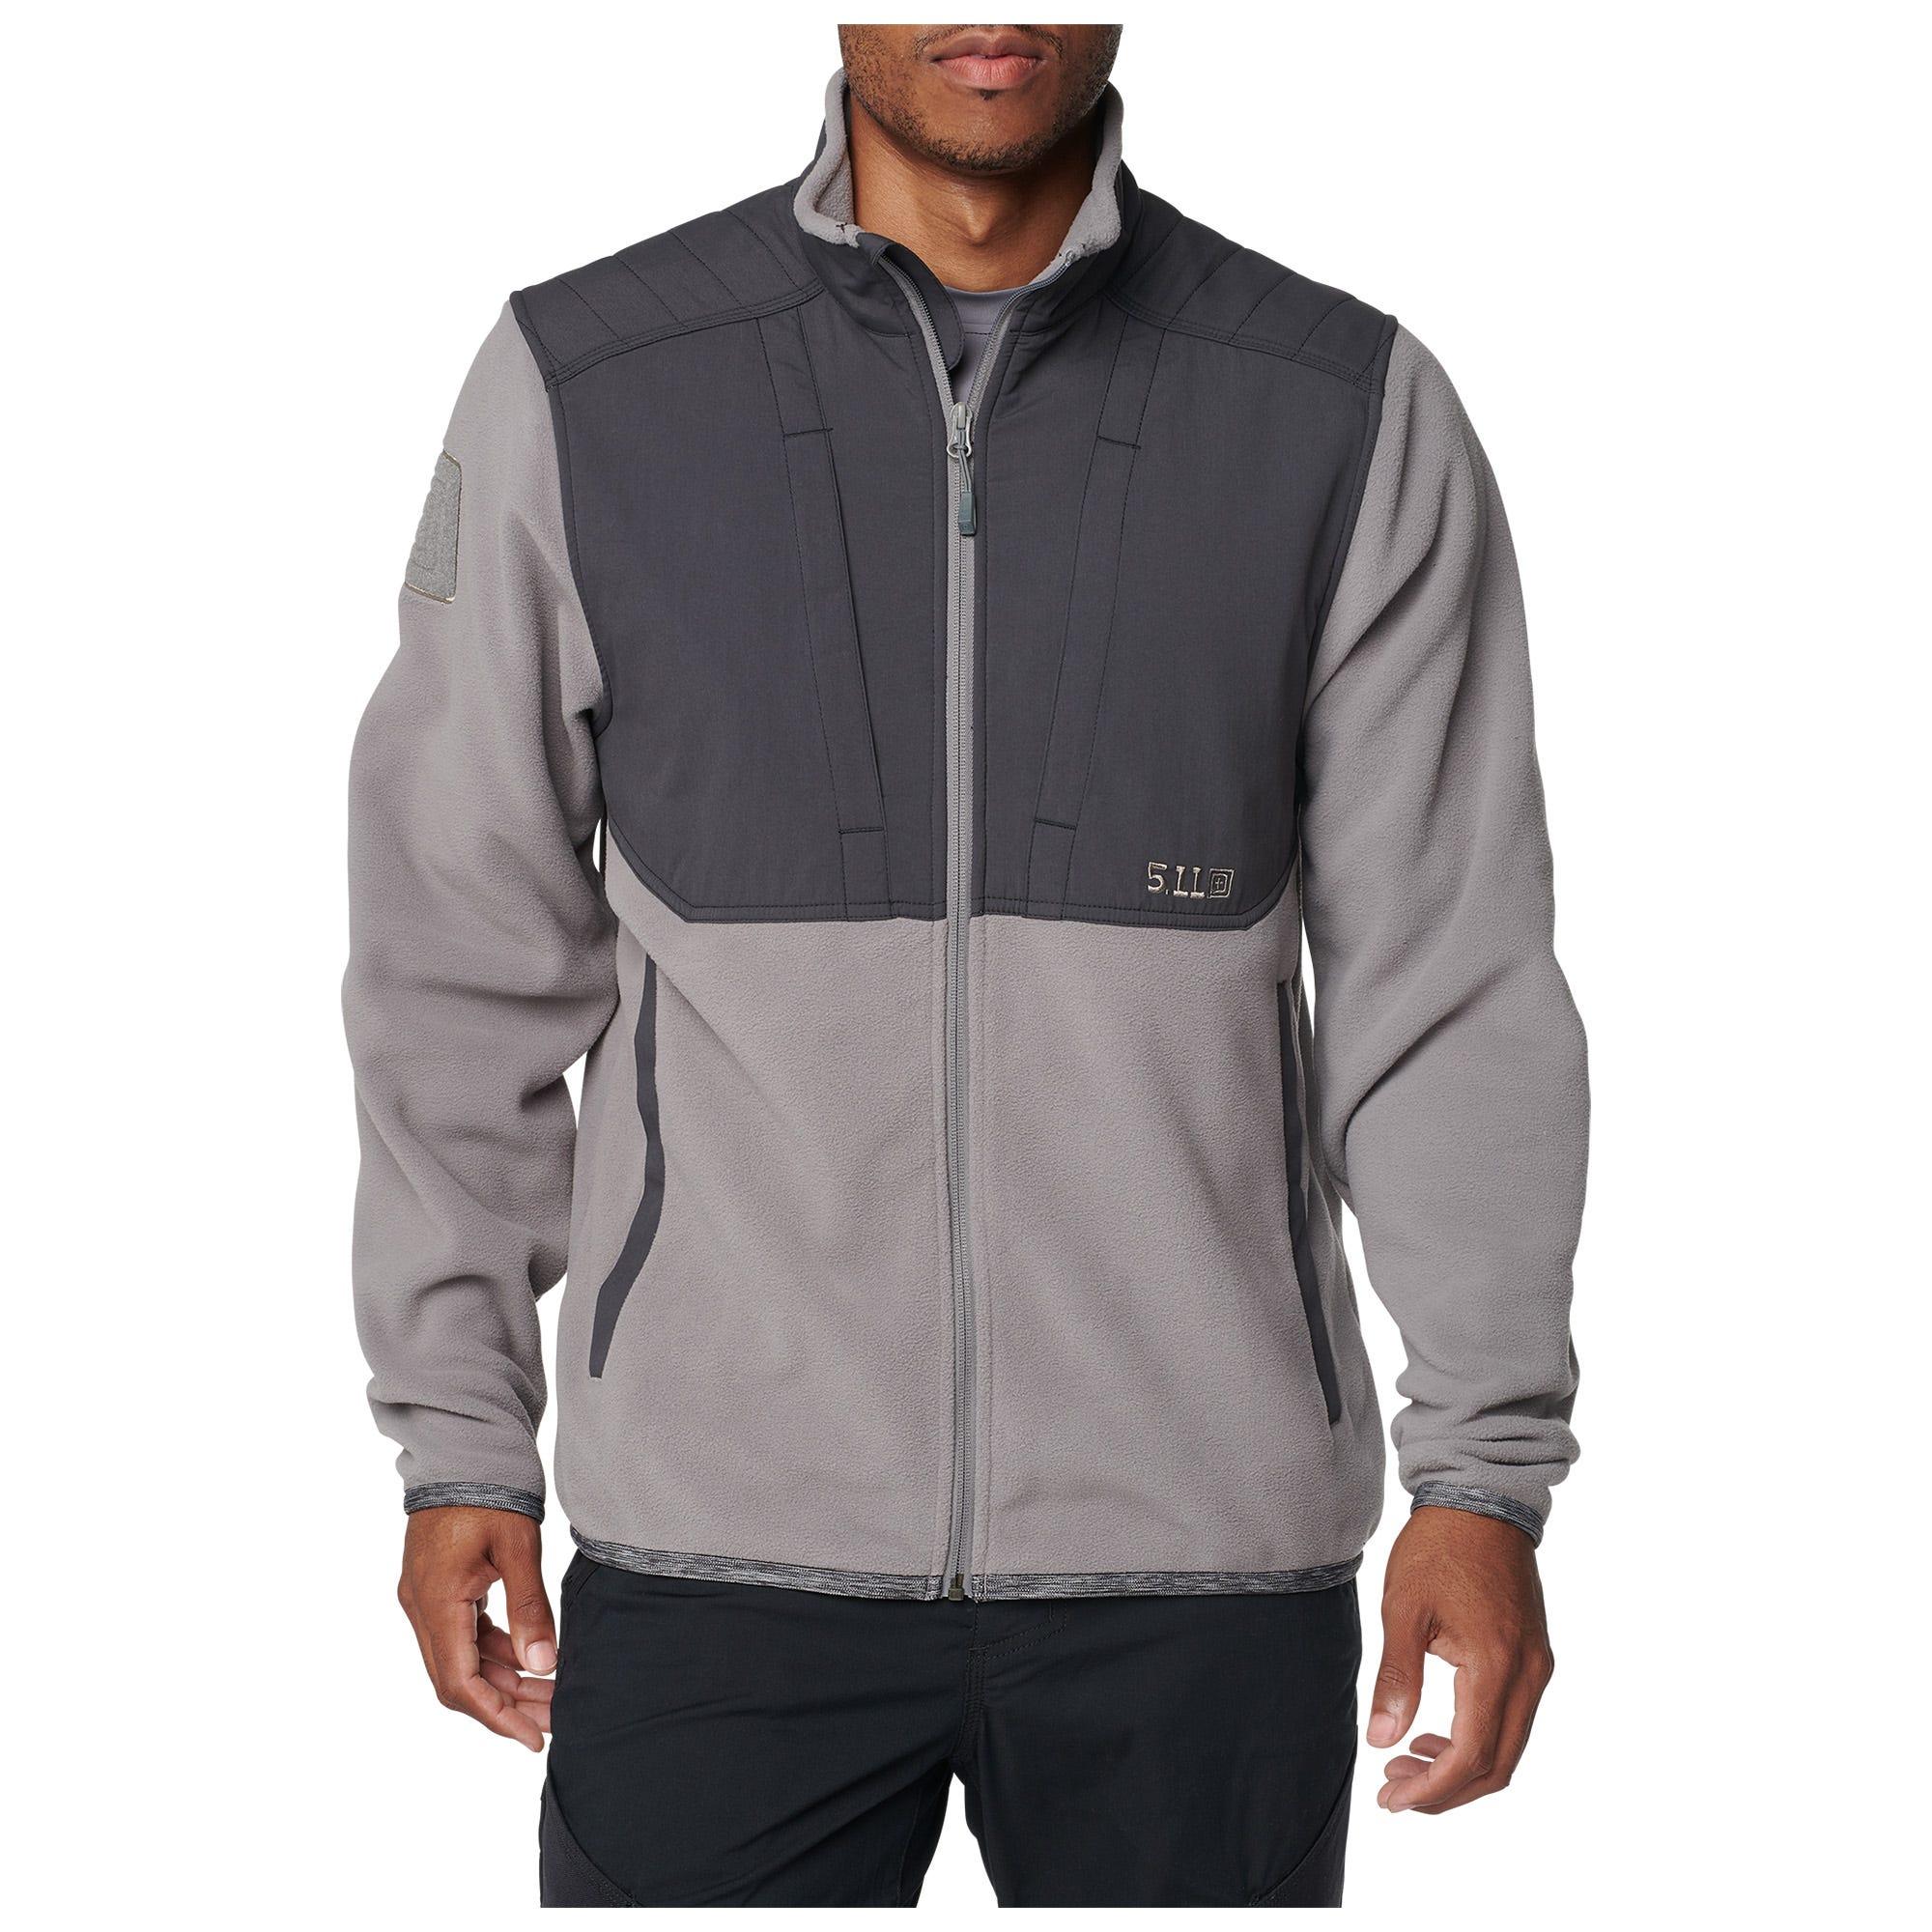 5.11 Tactical Men Apollo Tech Fleece Jacket